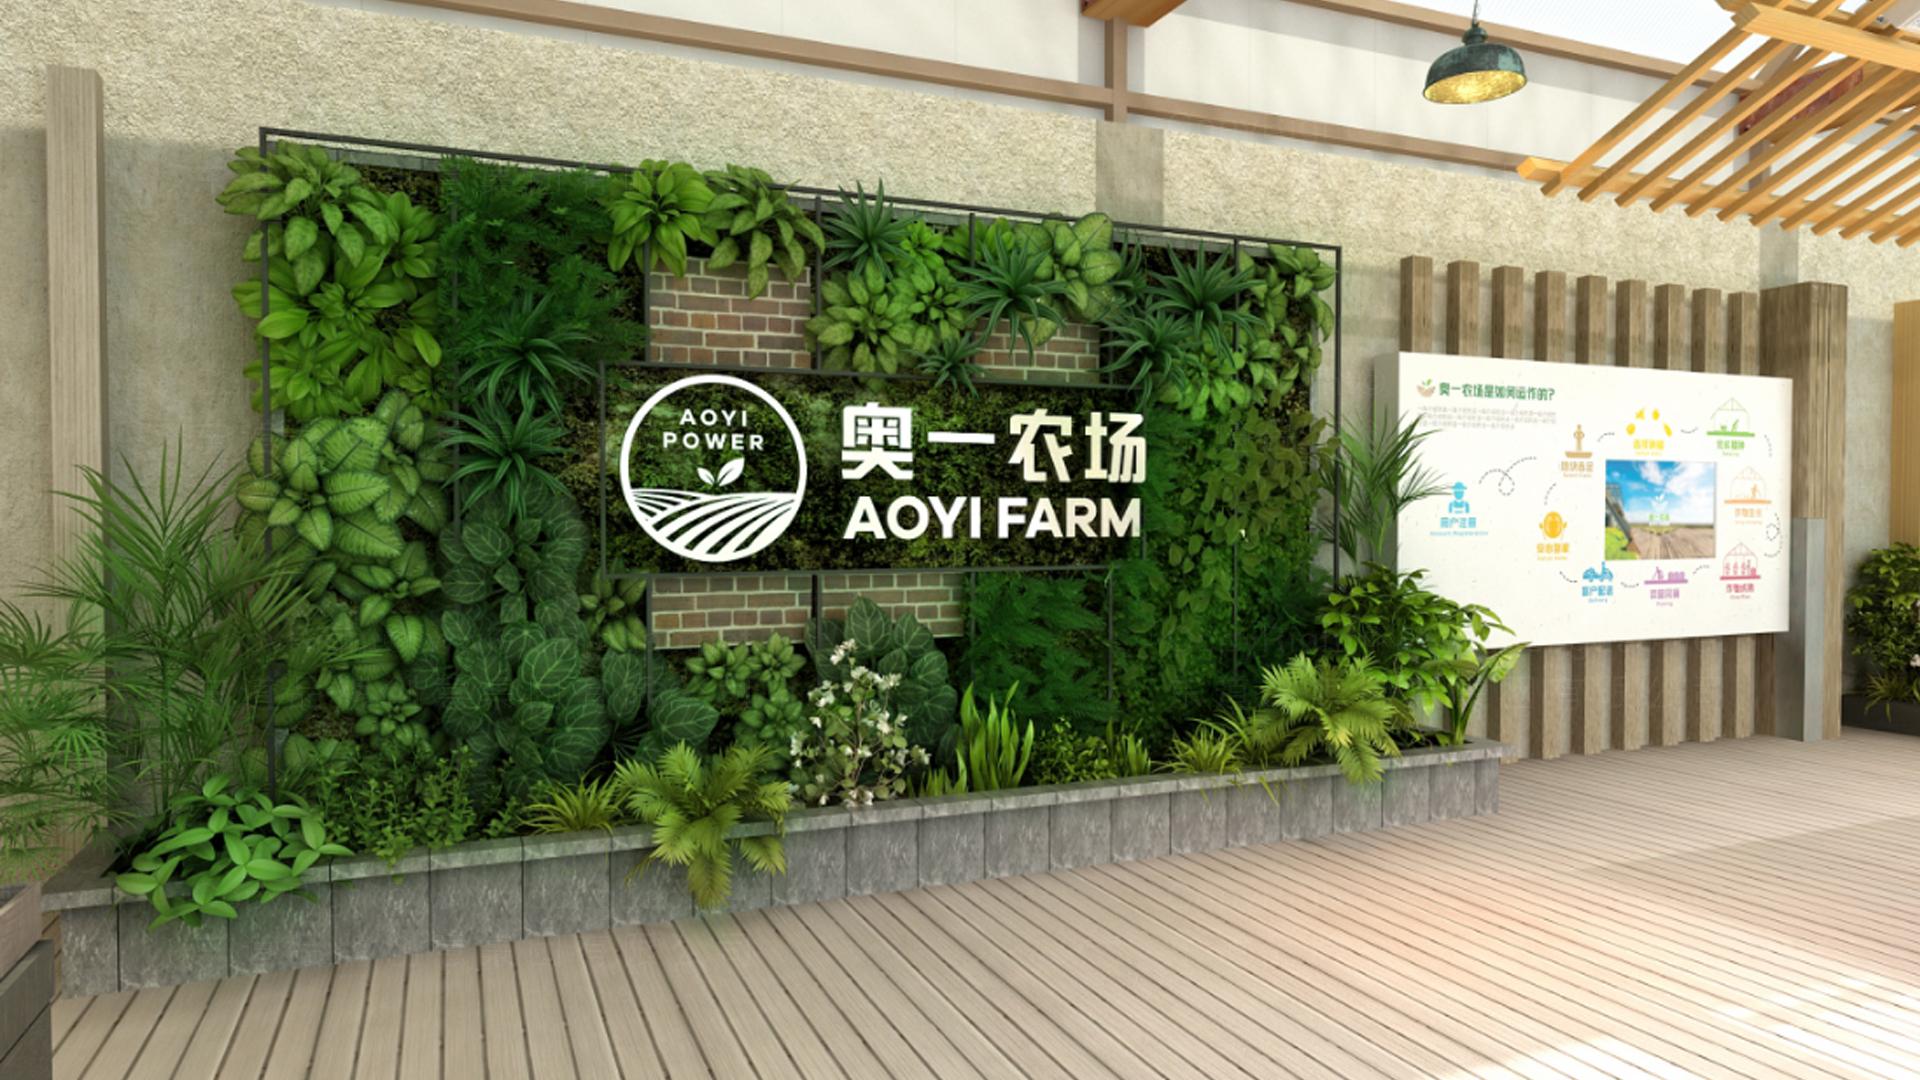 商业空间&导示奥一农场农场SI设计应用场景_8